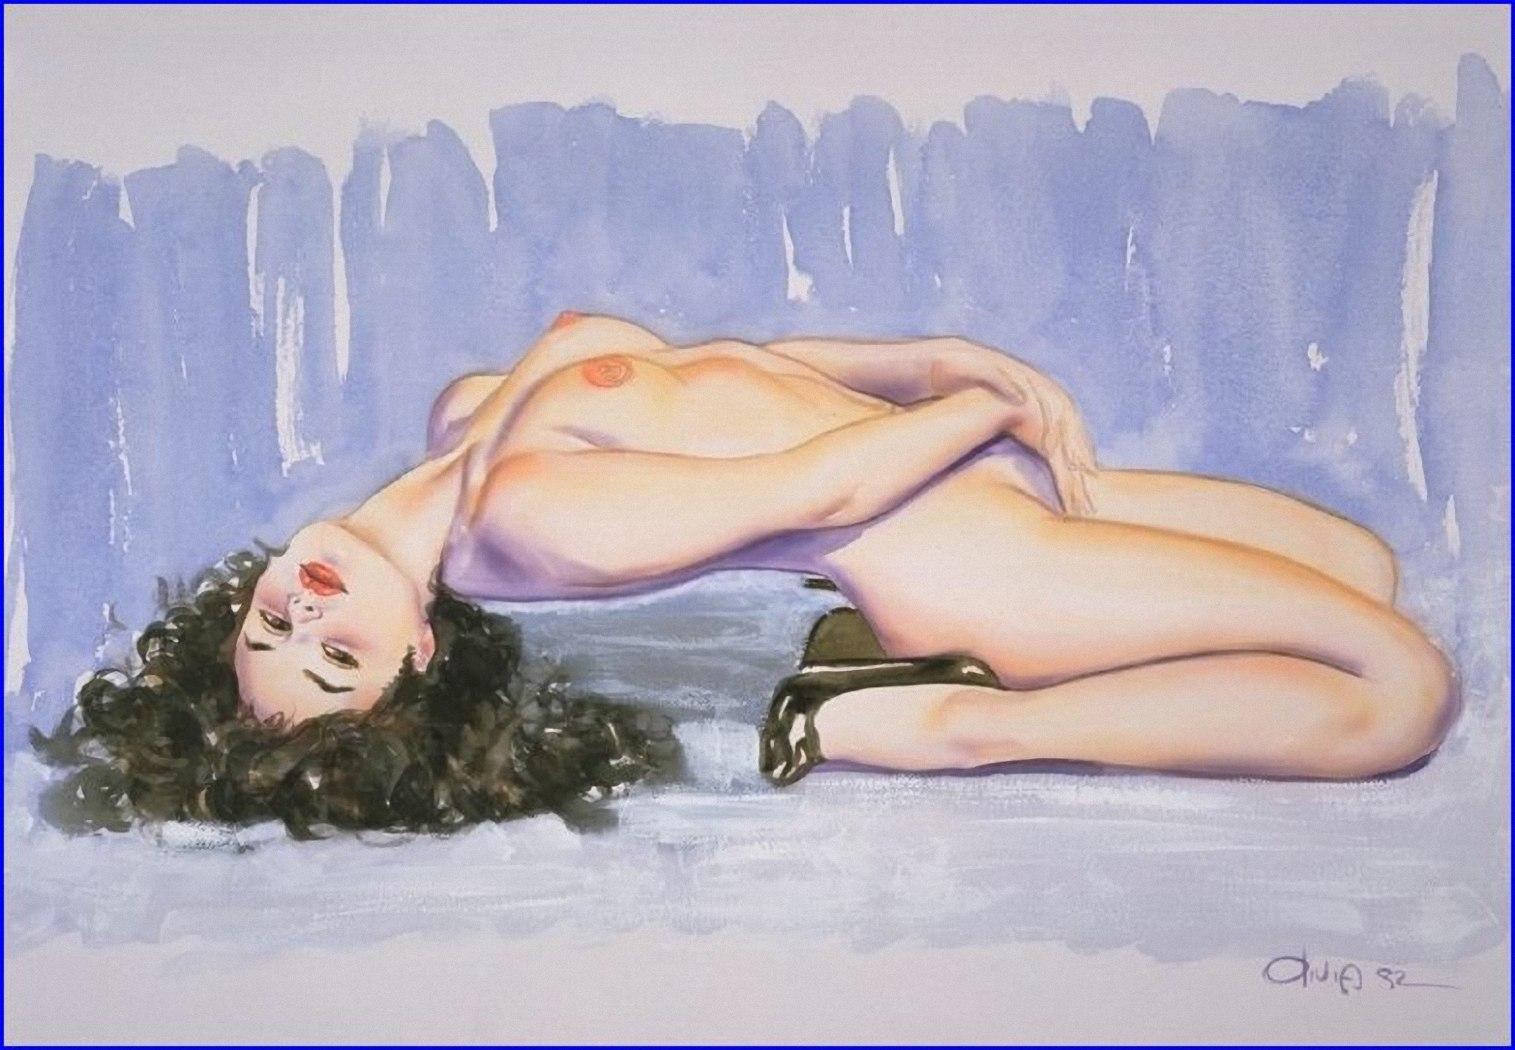 Рисованные девушки проститутка, рисованные проститутки. Девушки. Обсуждение на 4 фотография